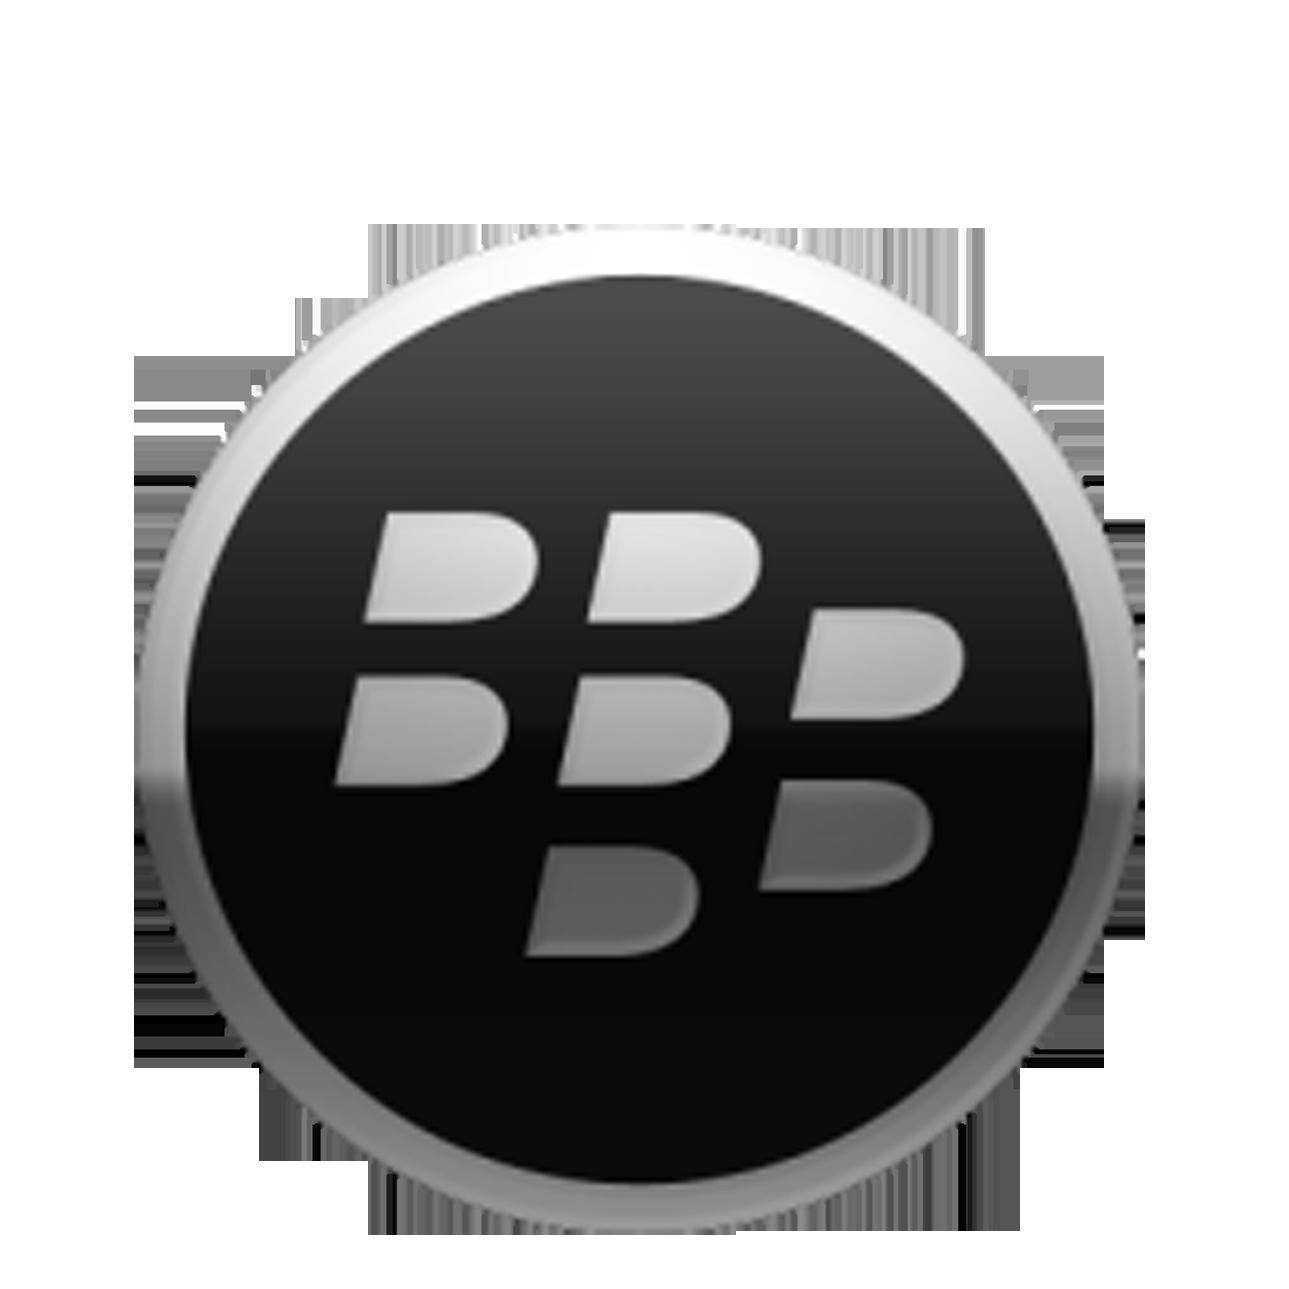 Blackberry Logo Vector PNG - 113772